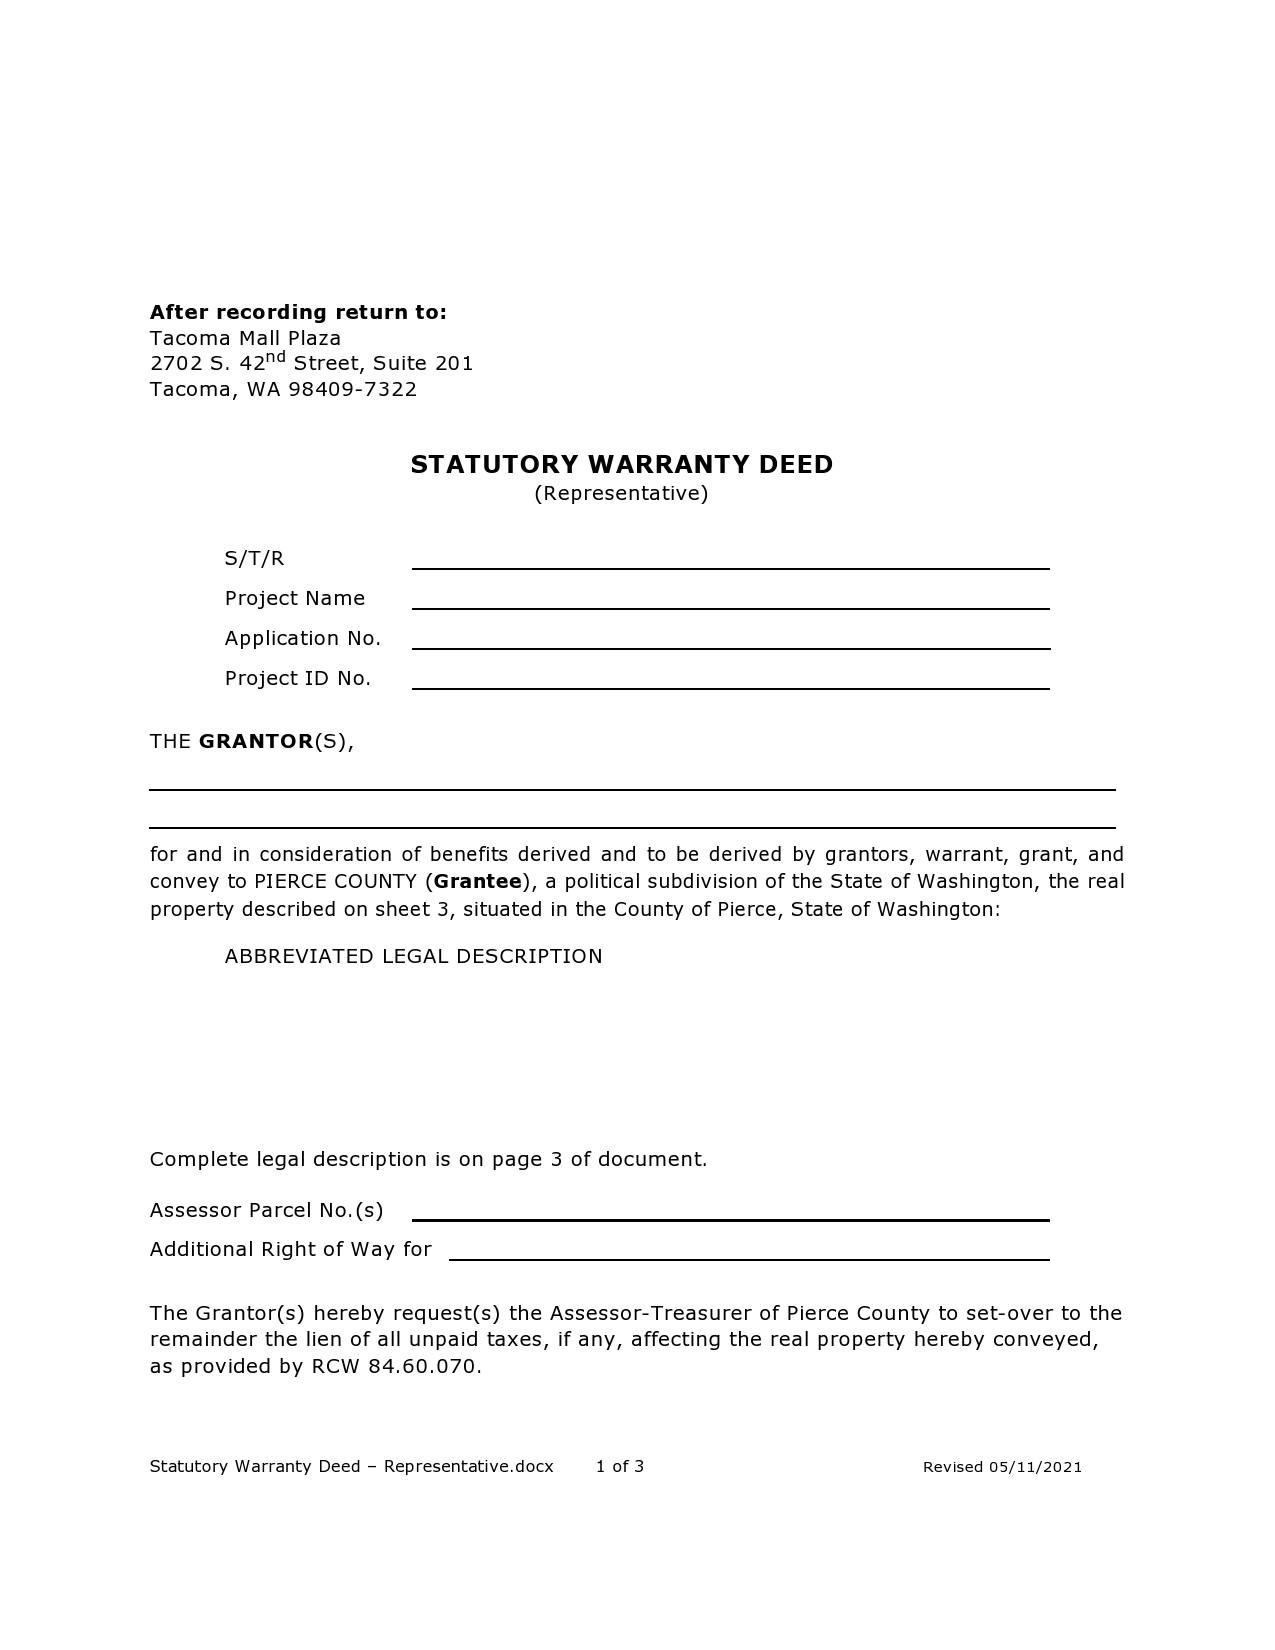 Free warranty deed form 15